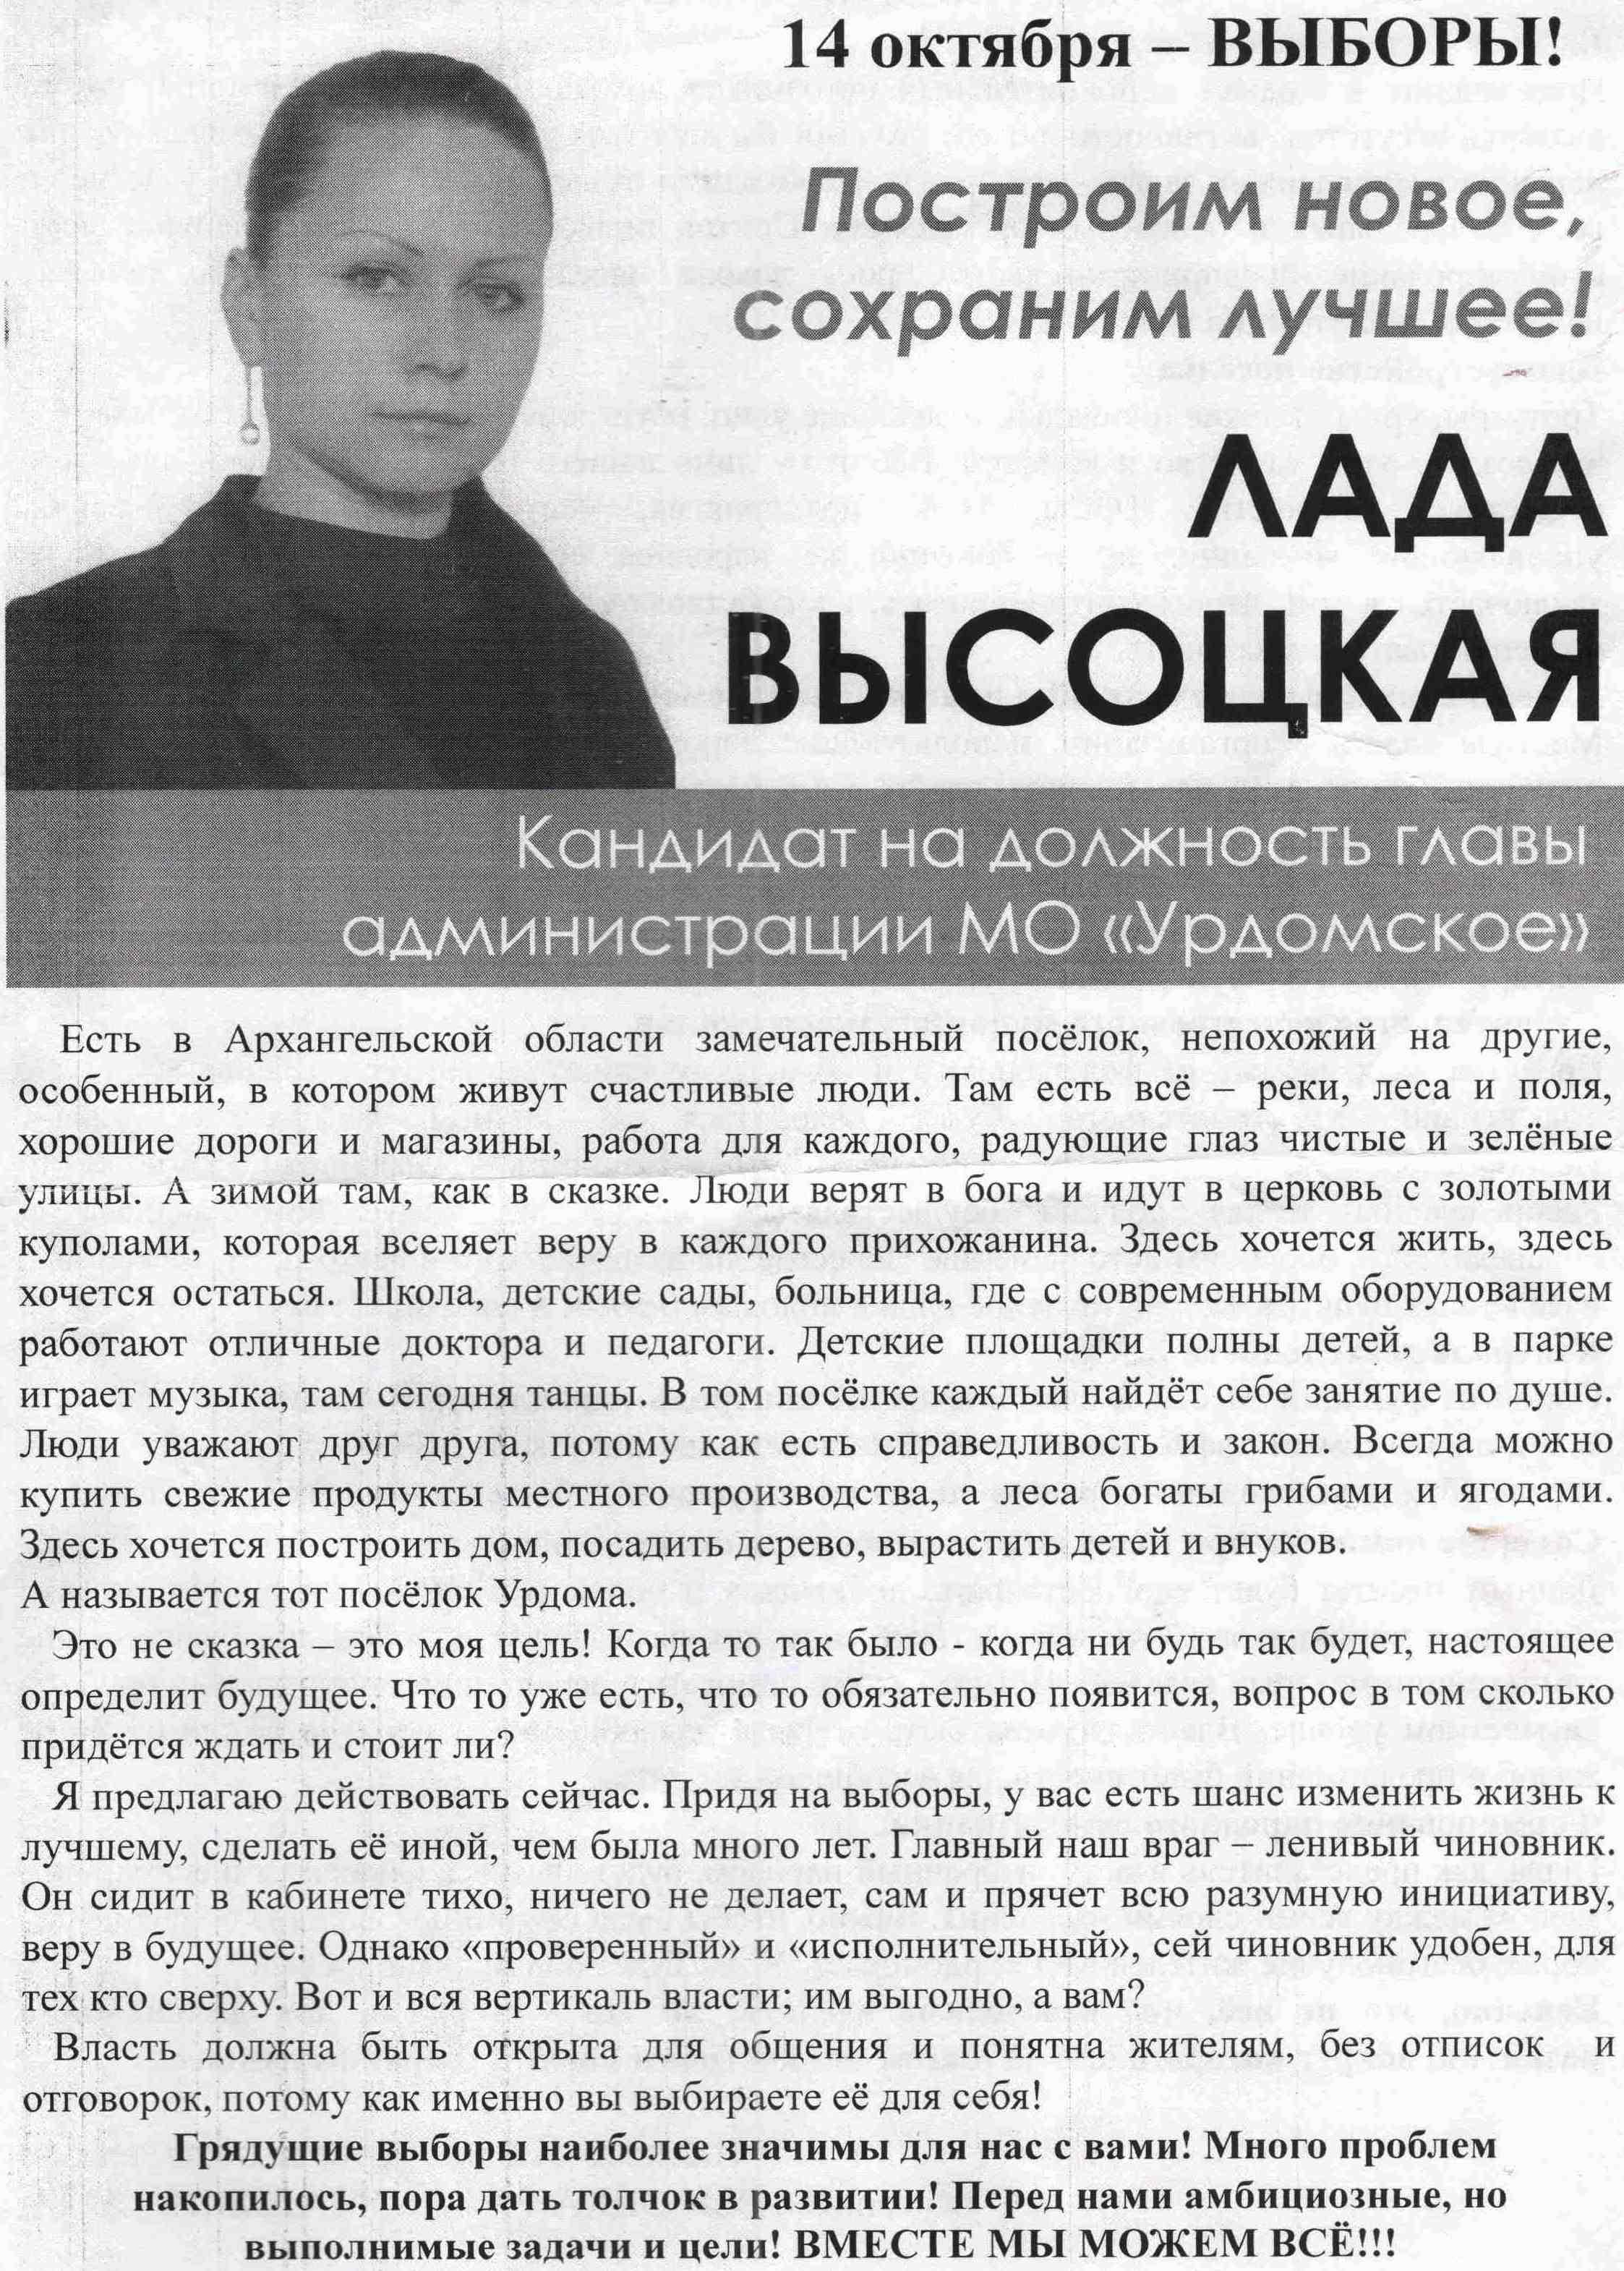 Высоцкая ЛВ, кандидат